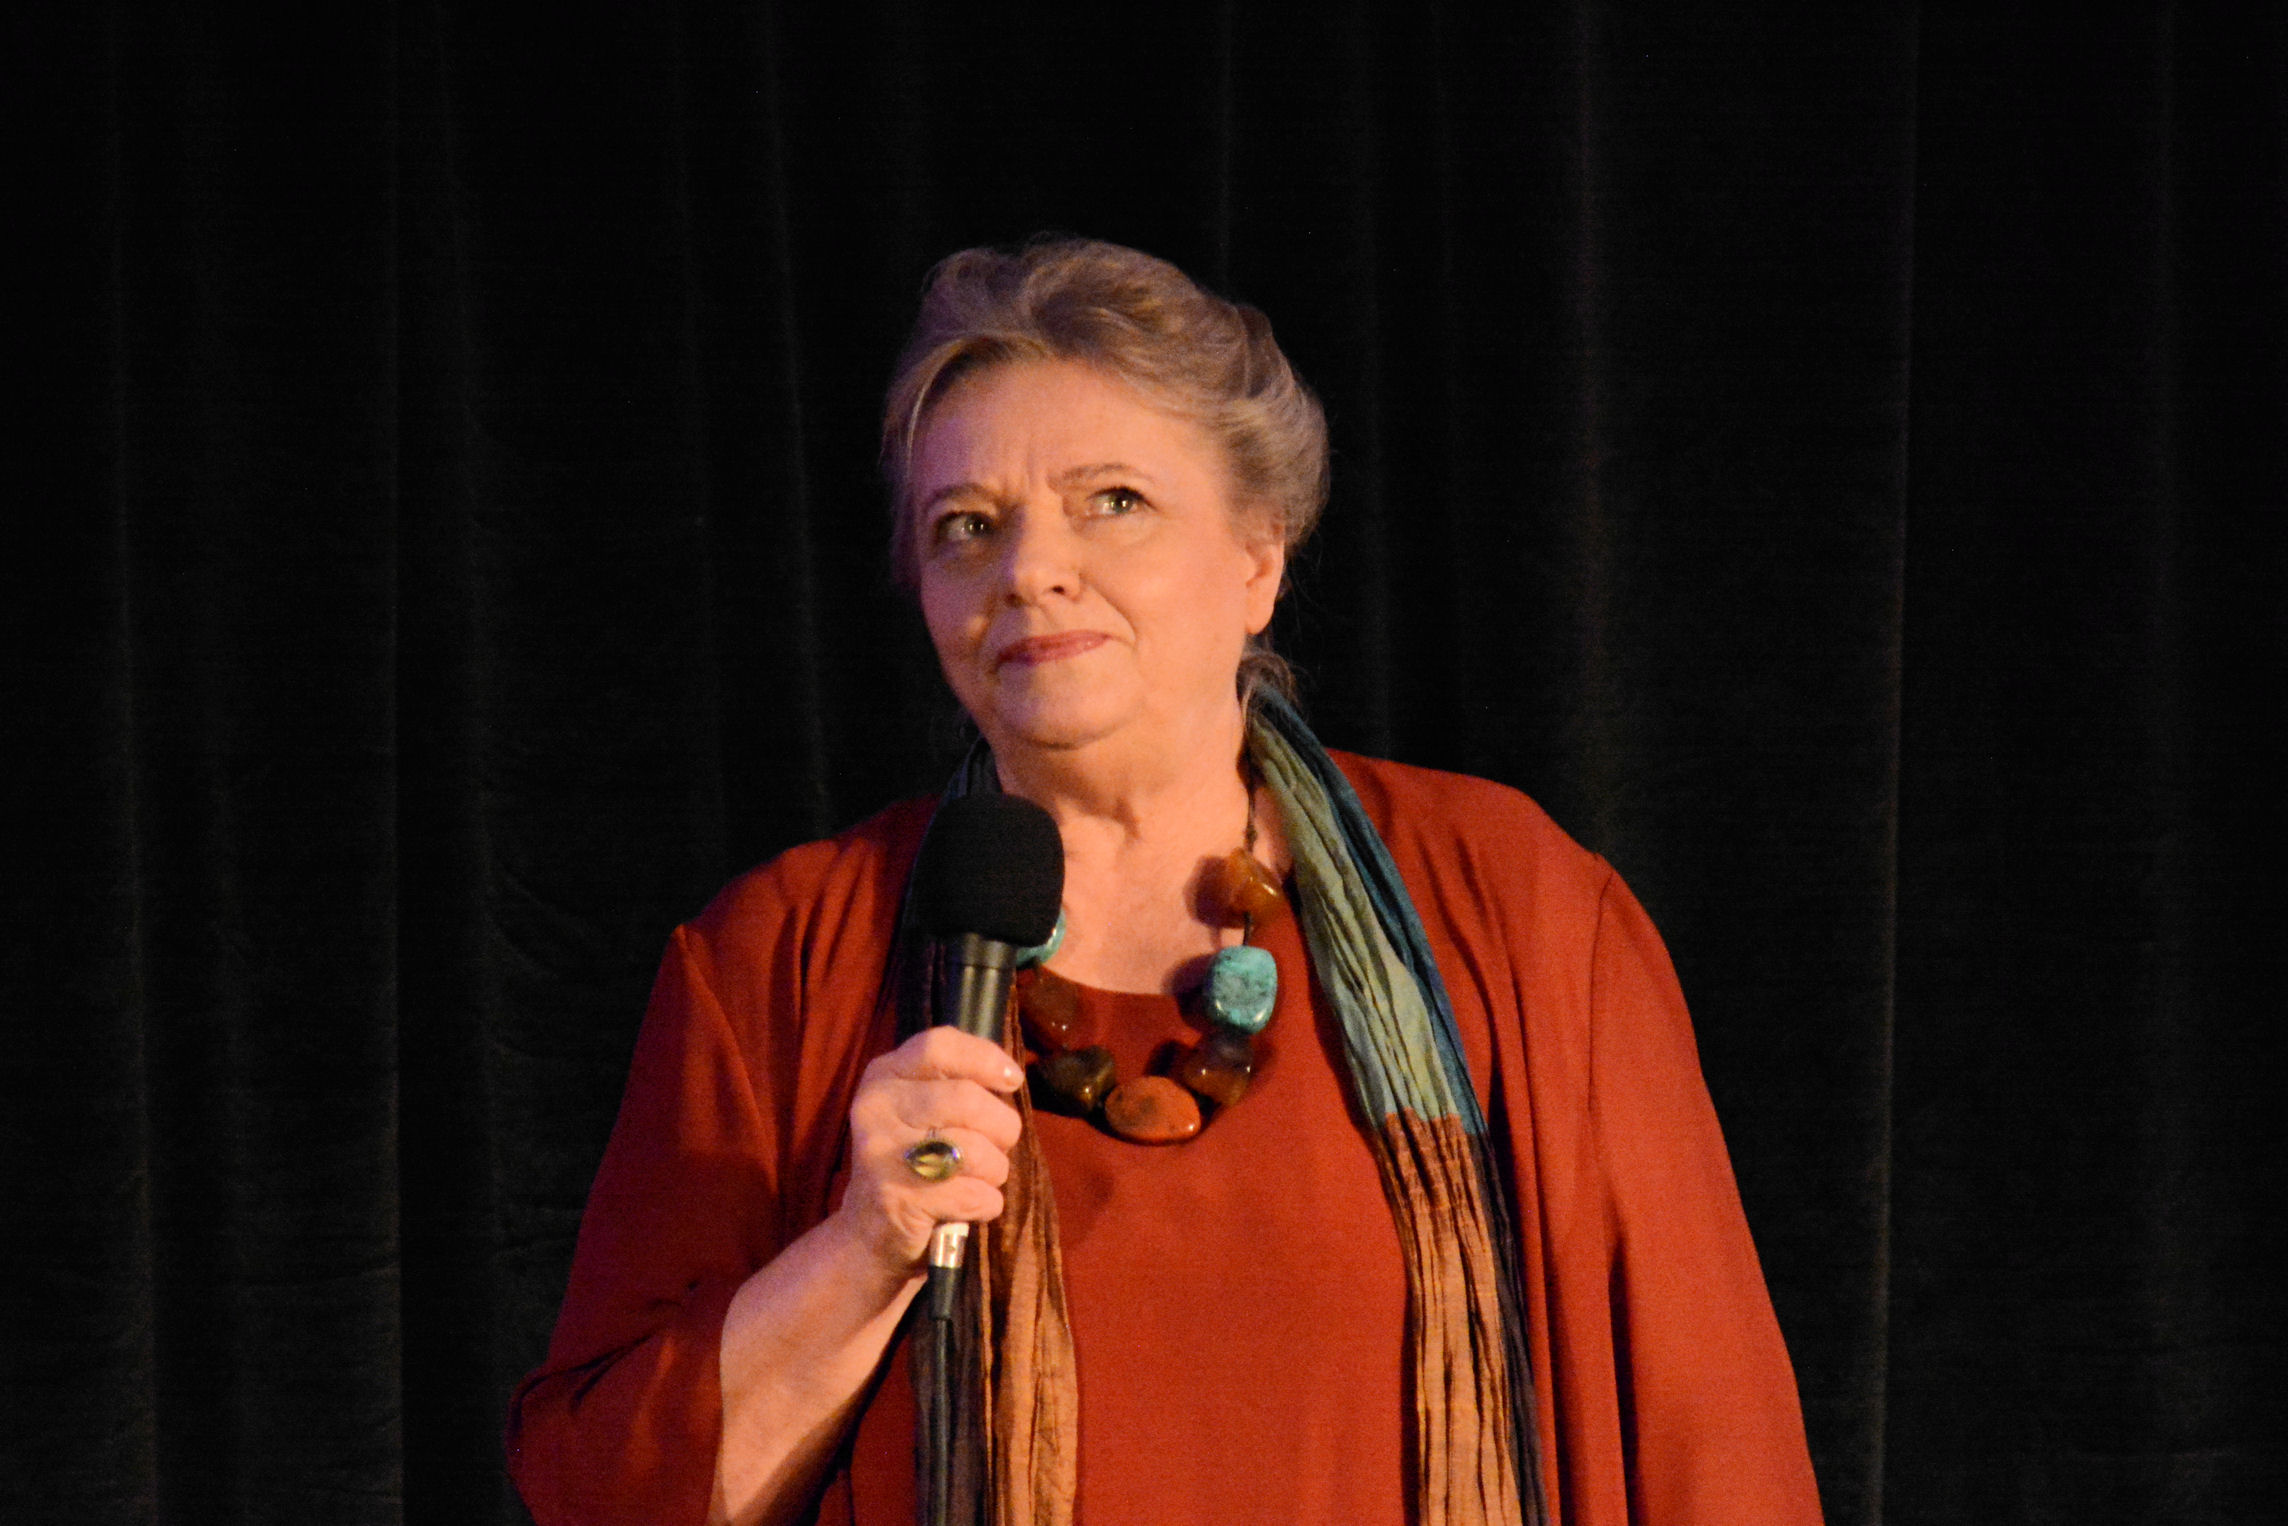 - Andrzej Wajda znalazł czas, by zadzwonić do młodej aktorki - podkreślała Anna Seniuk. (Fot. Kapitel/Wikimedia, lic. CC0)